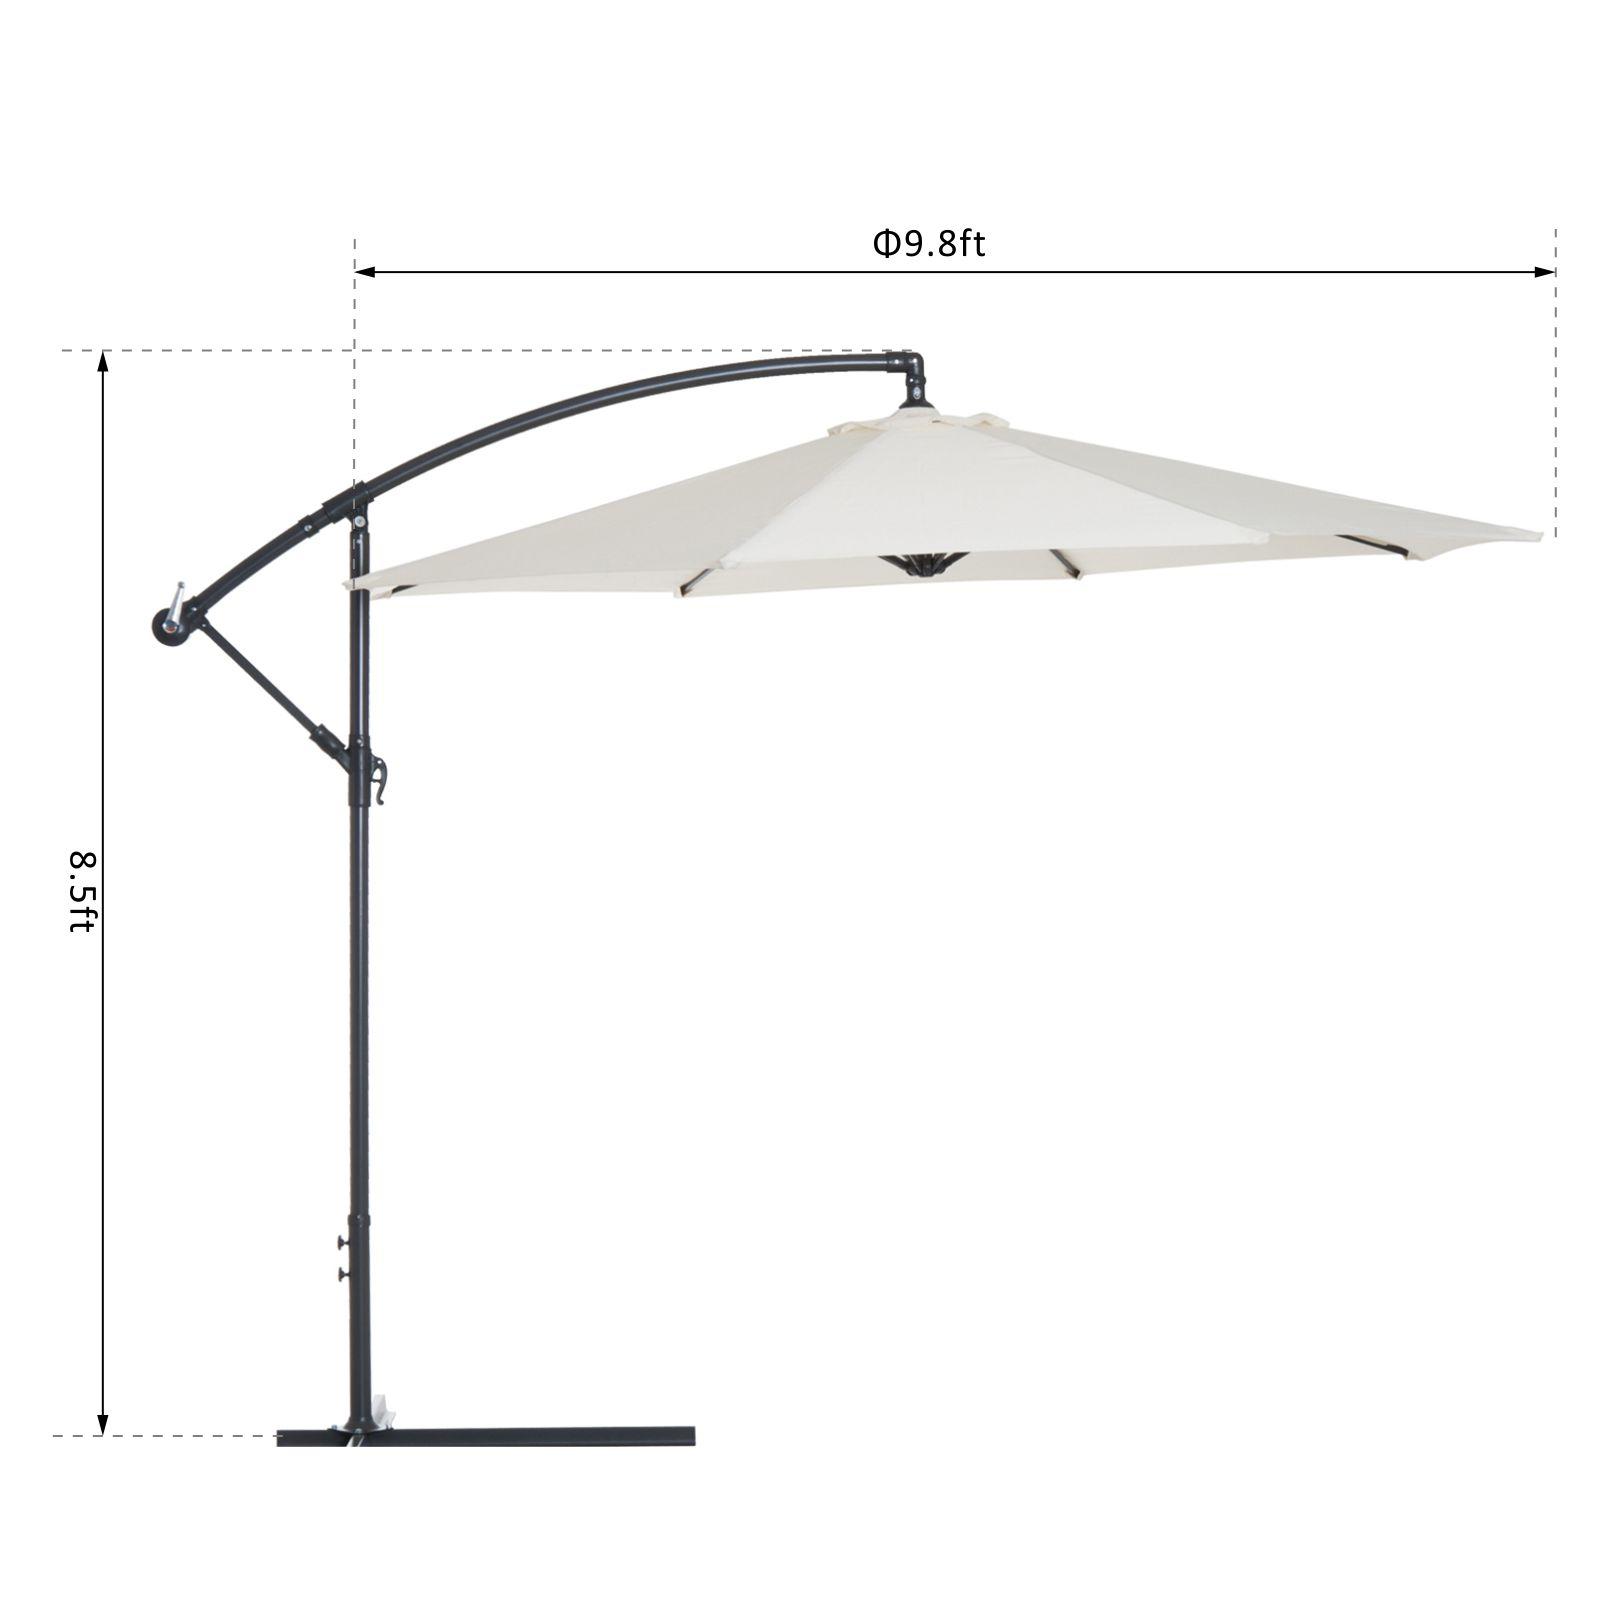 Outsunny-10-039-Deluxe-Patio-Umbrella-Outdoor-Market-Parasol-Banana-Hanging-Offset thumbnail 3